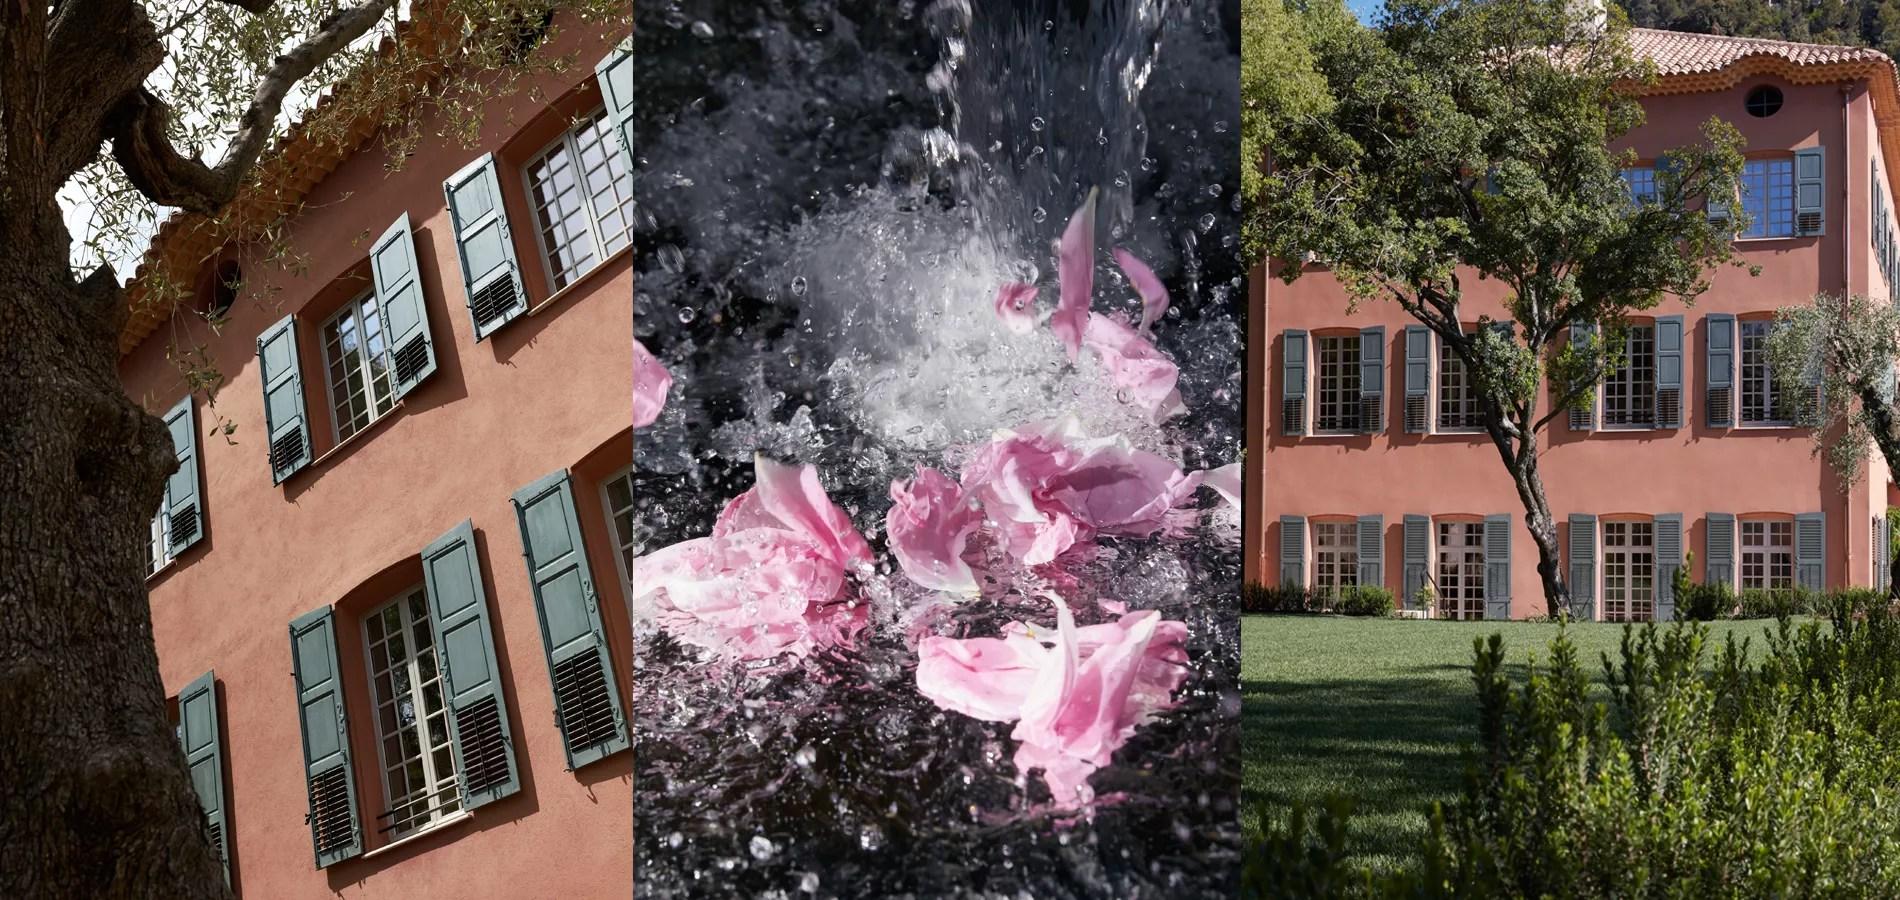 Louis Vuitton Dvoile Grasse La Maison O Se Crent